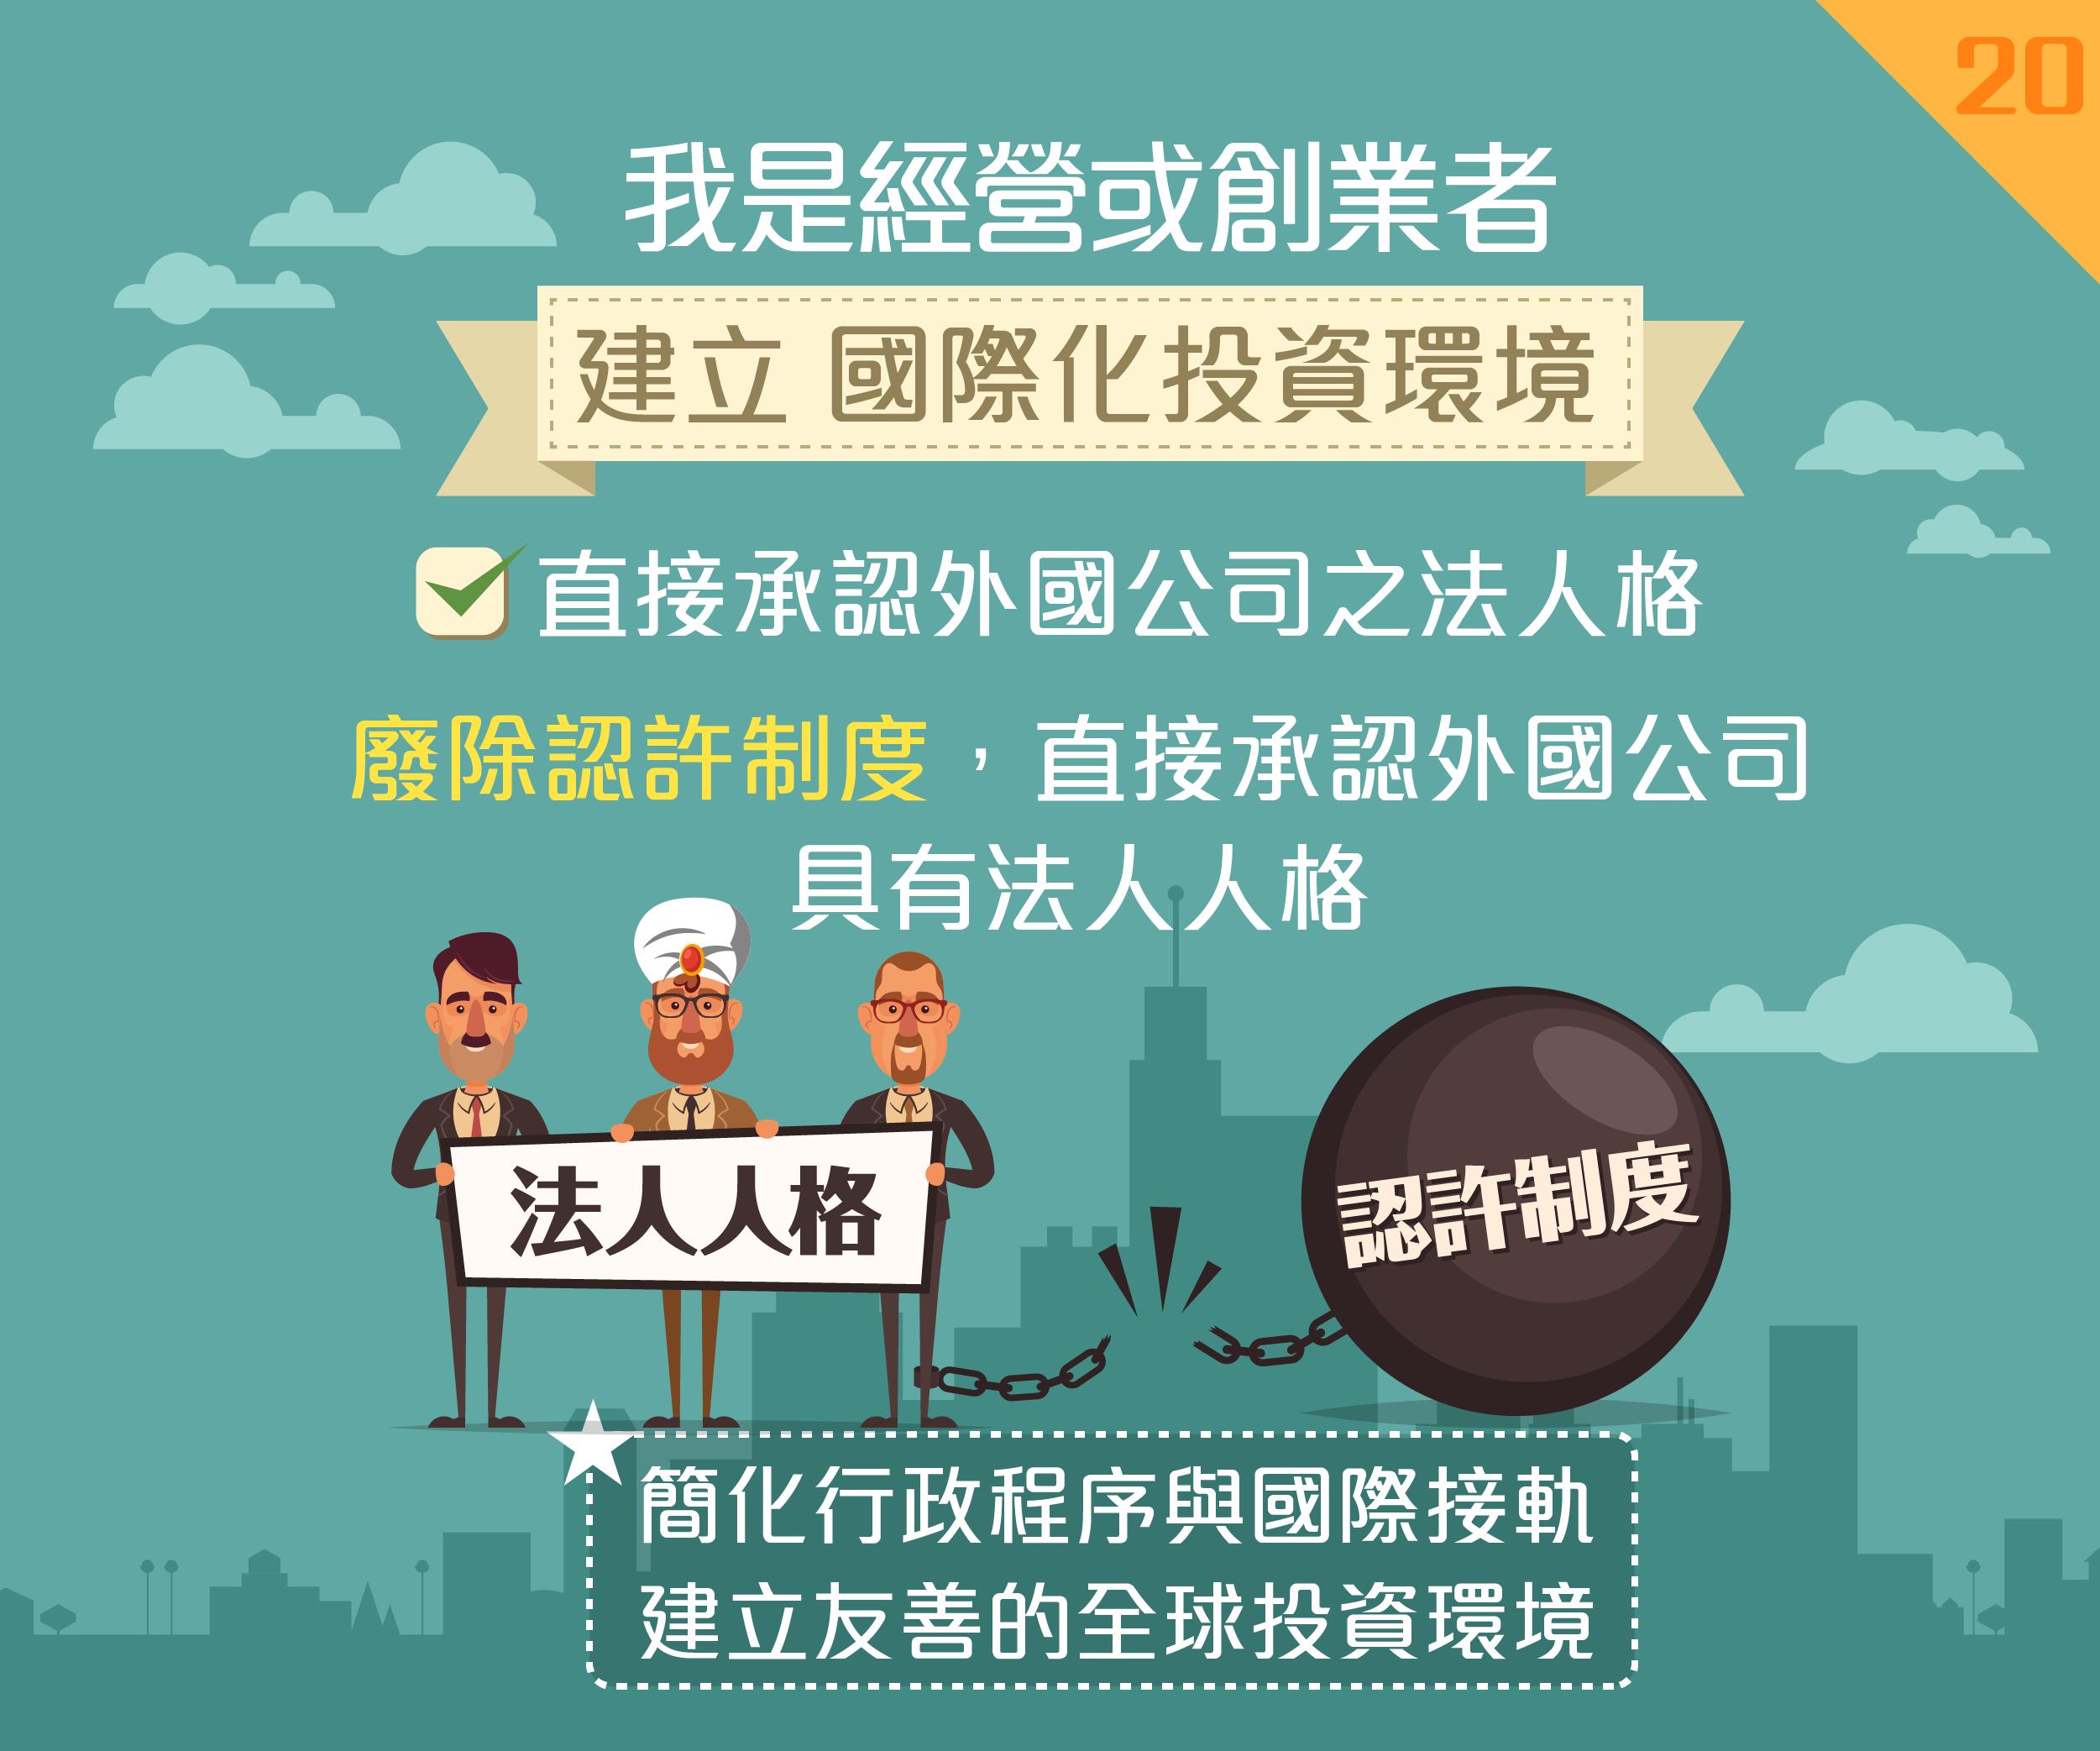 公司法懶人包修改2018-0827-21